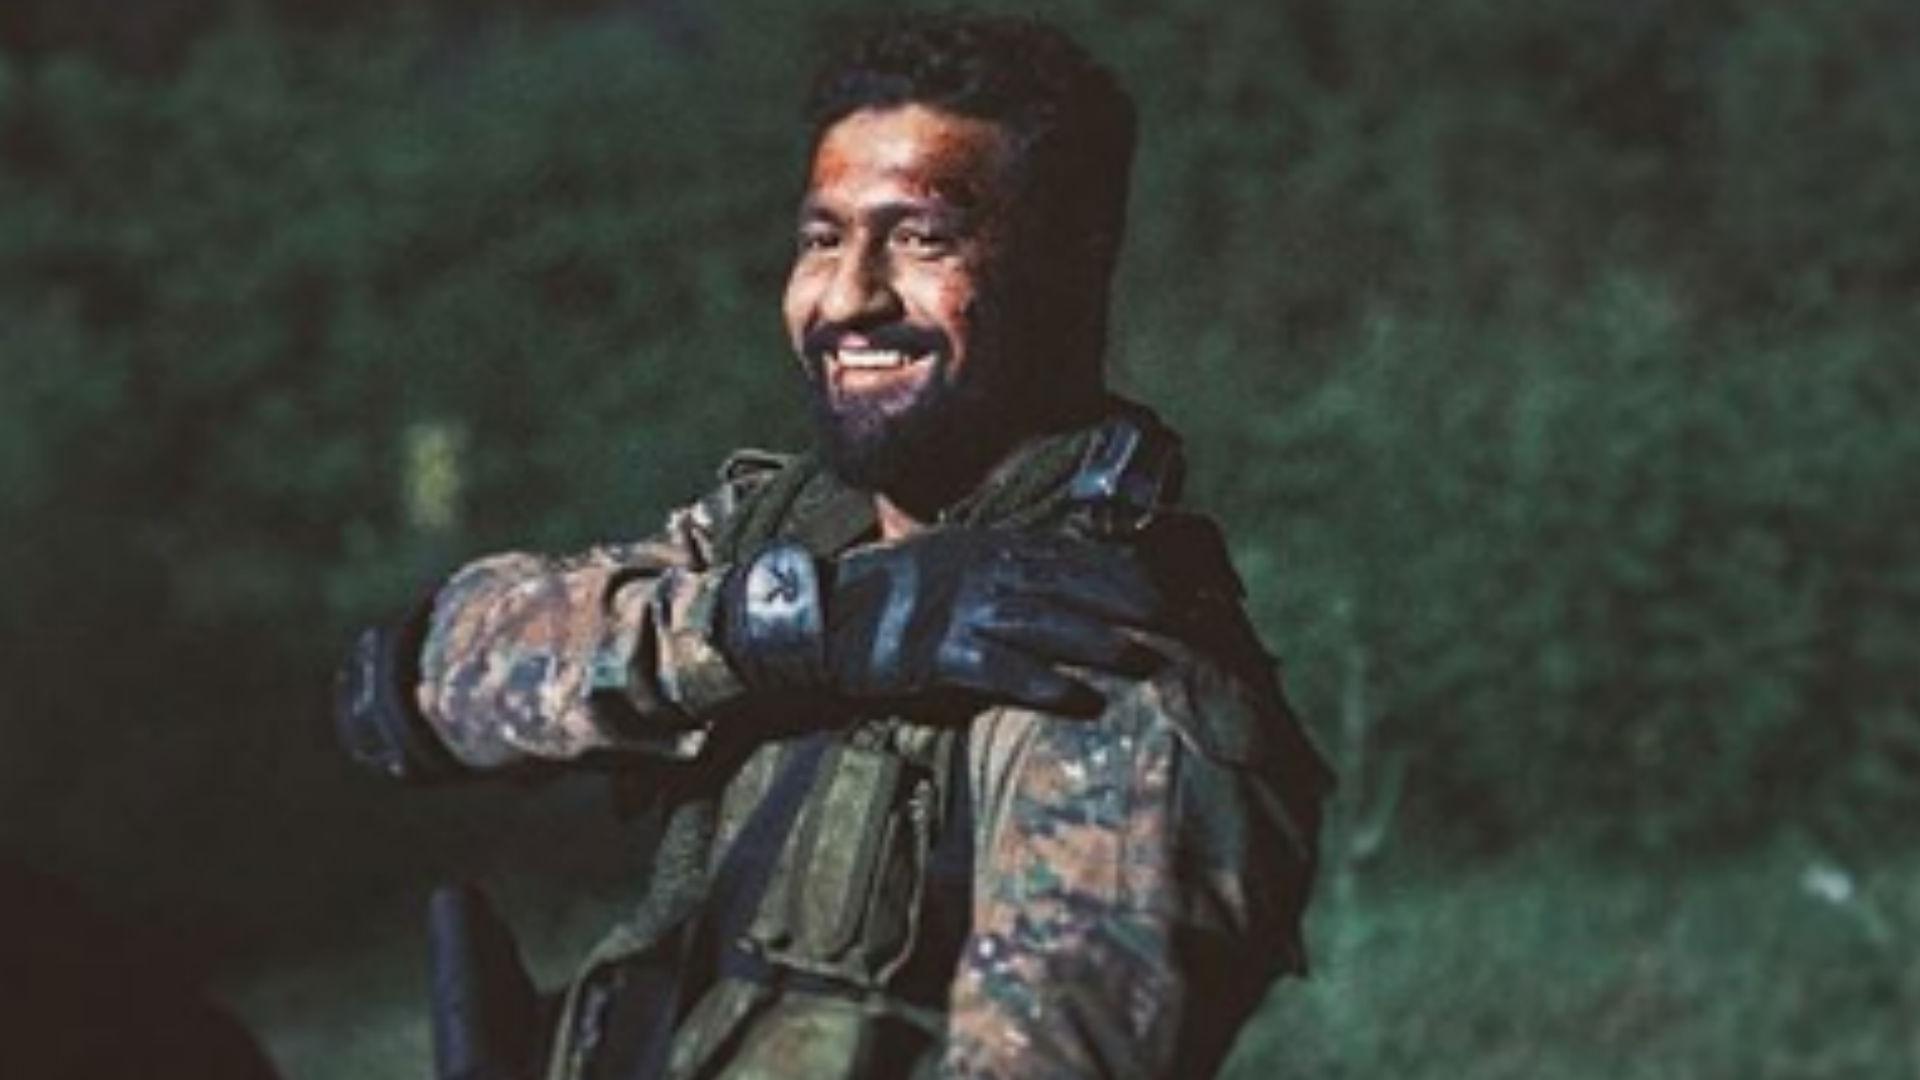 फिल्म उरी की जबरदस्त सफलता पर विक्की कौशल ने कहा- मैं लीक पर नहीं चलता, अपने रास्ते खुद बनाता हूं